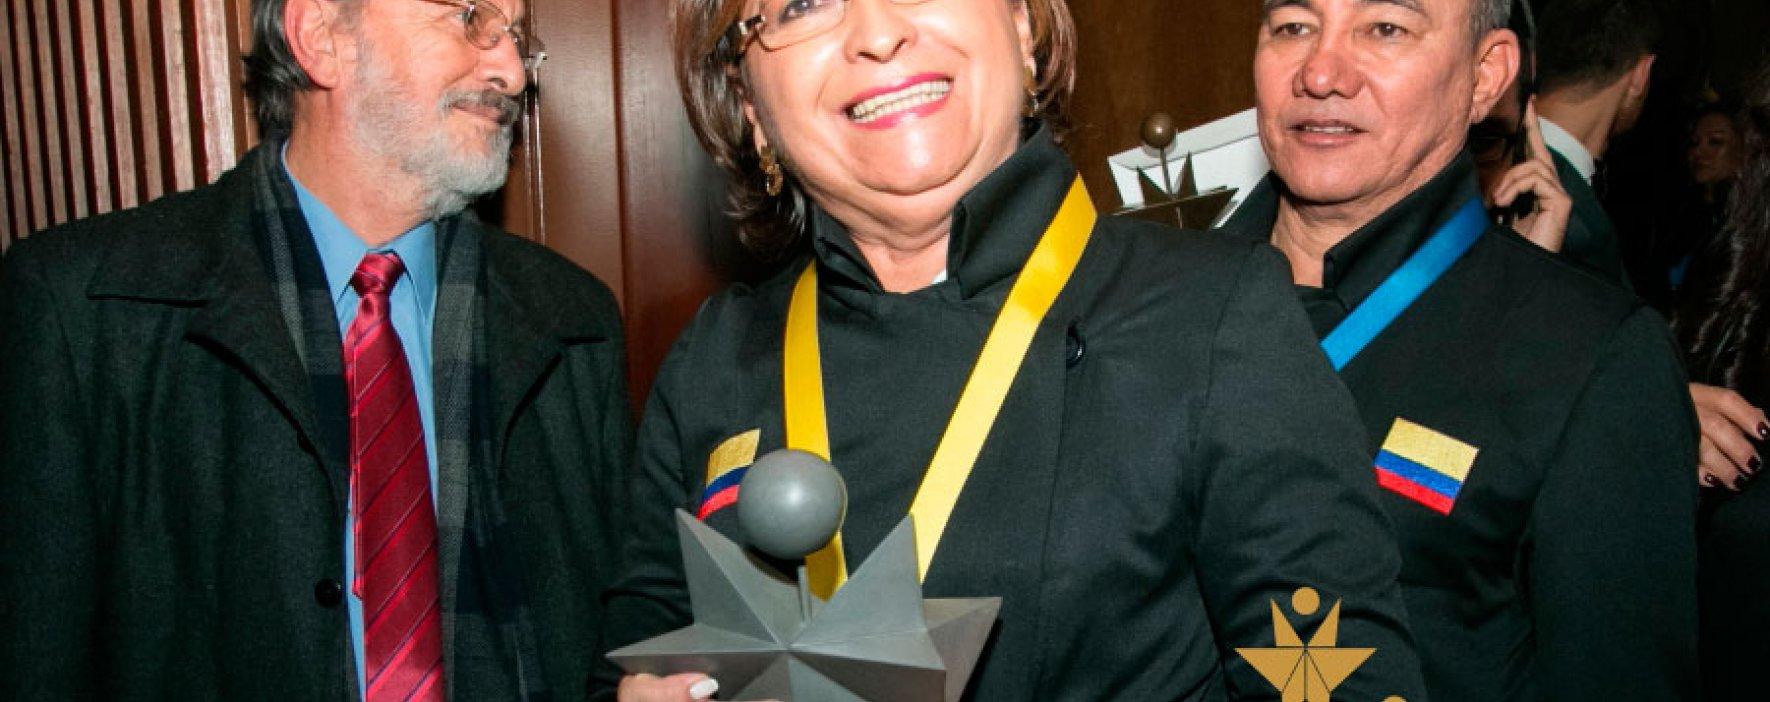 Maestro y rector, haga parte de la historia con el Premio Compartir